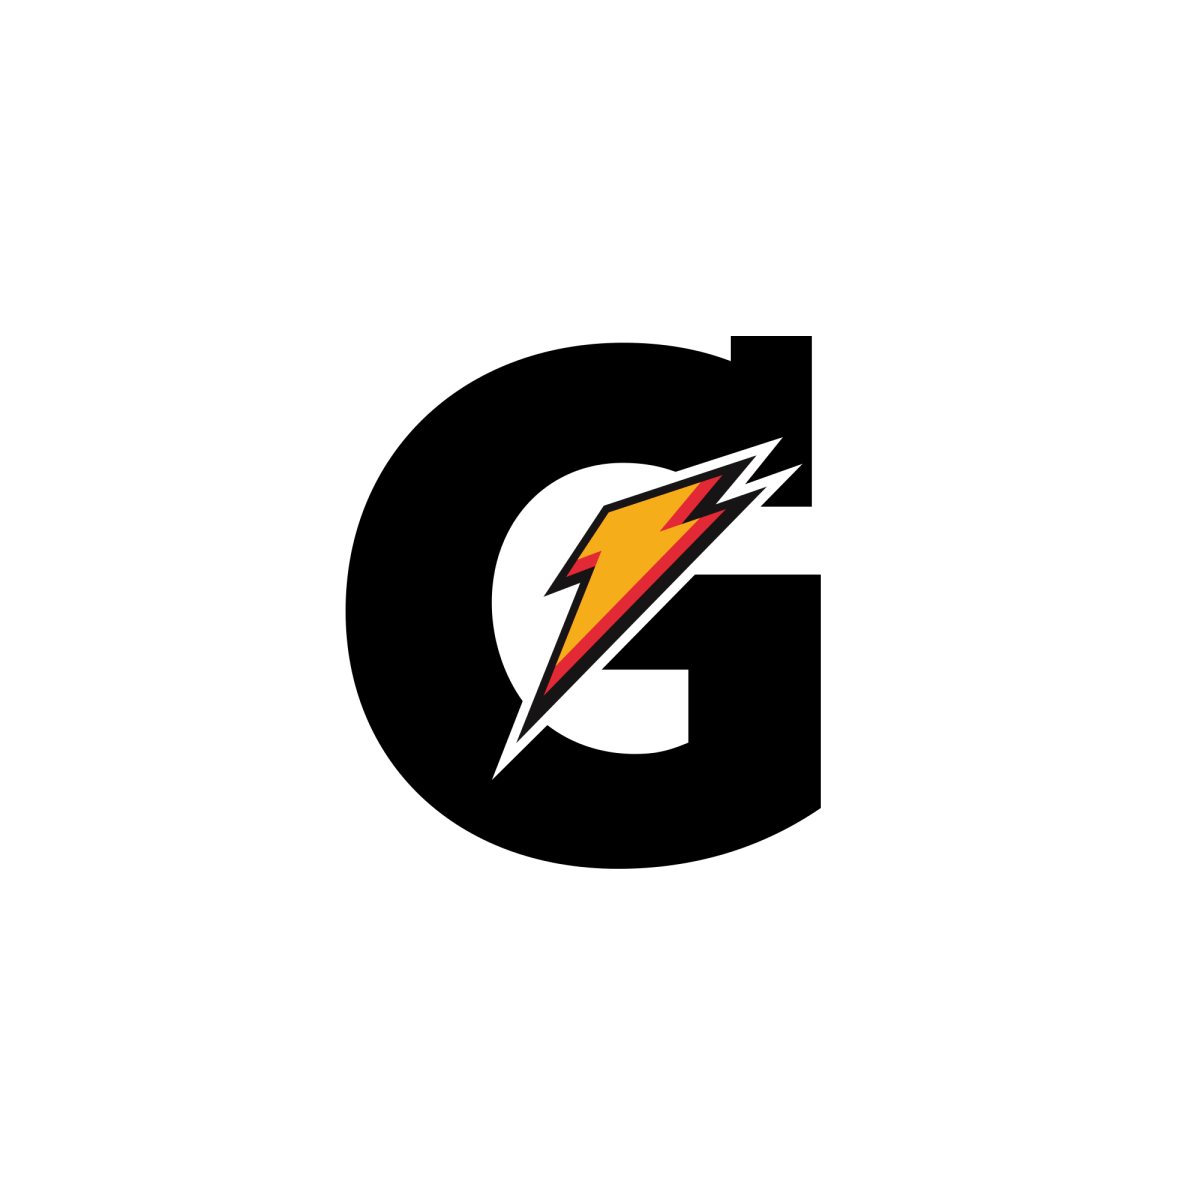 Gatorade Svg Logo In 2021 Letter G Lettering Lightning Logo